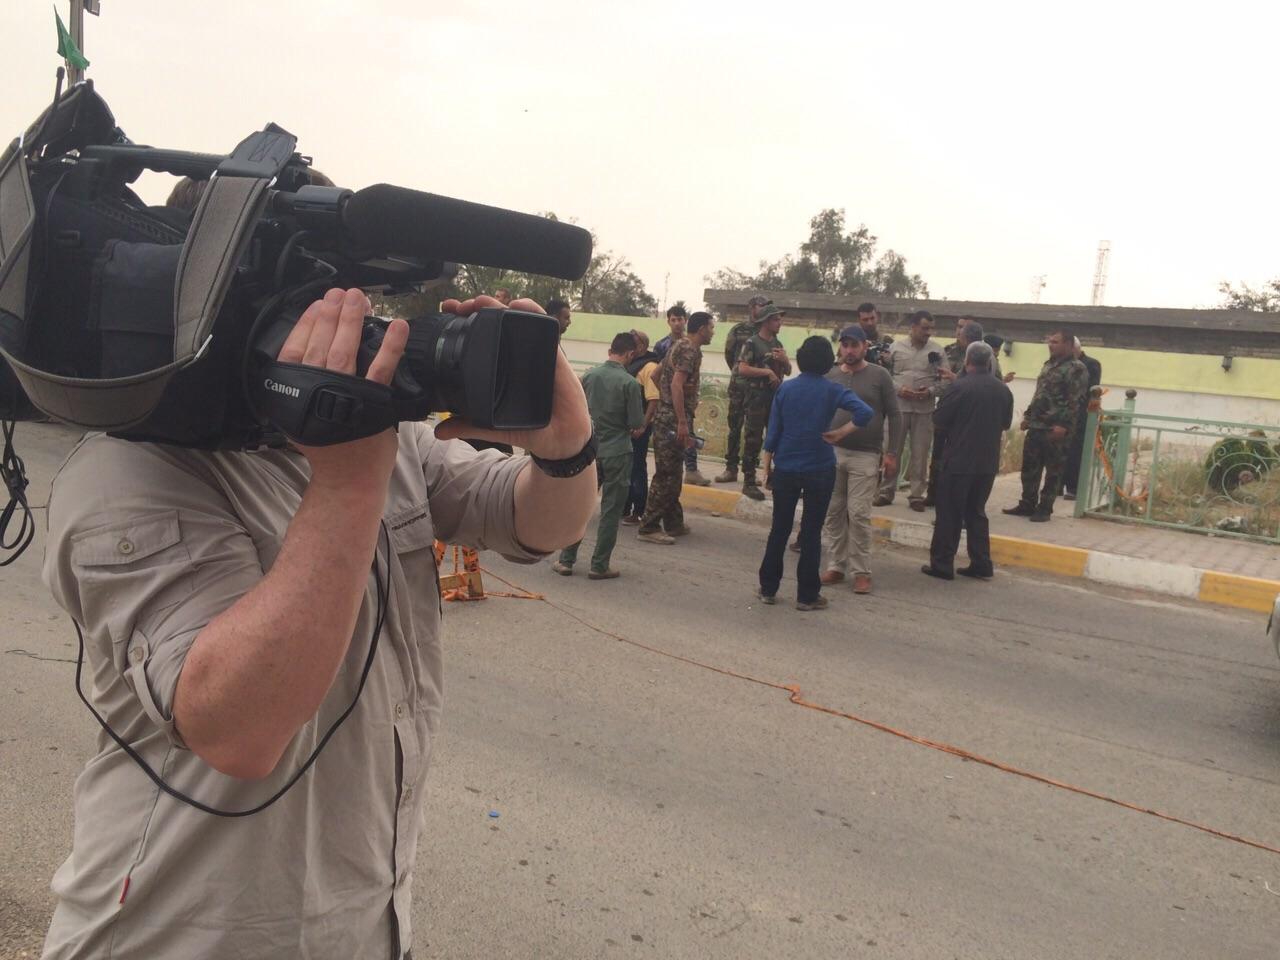 Kev in Iraq